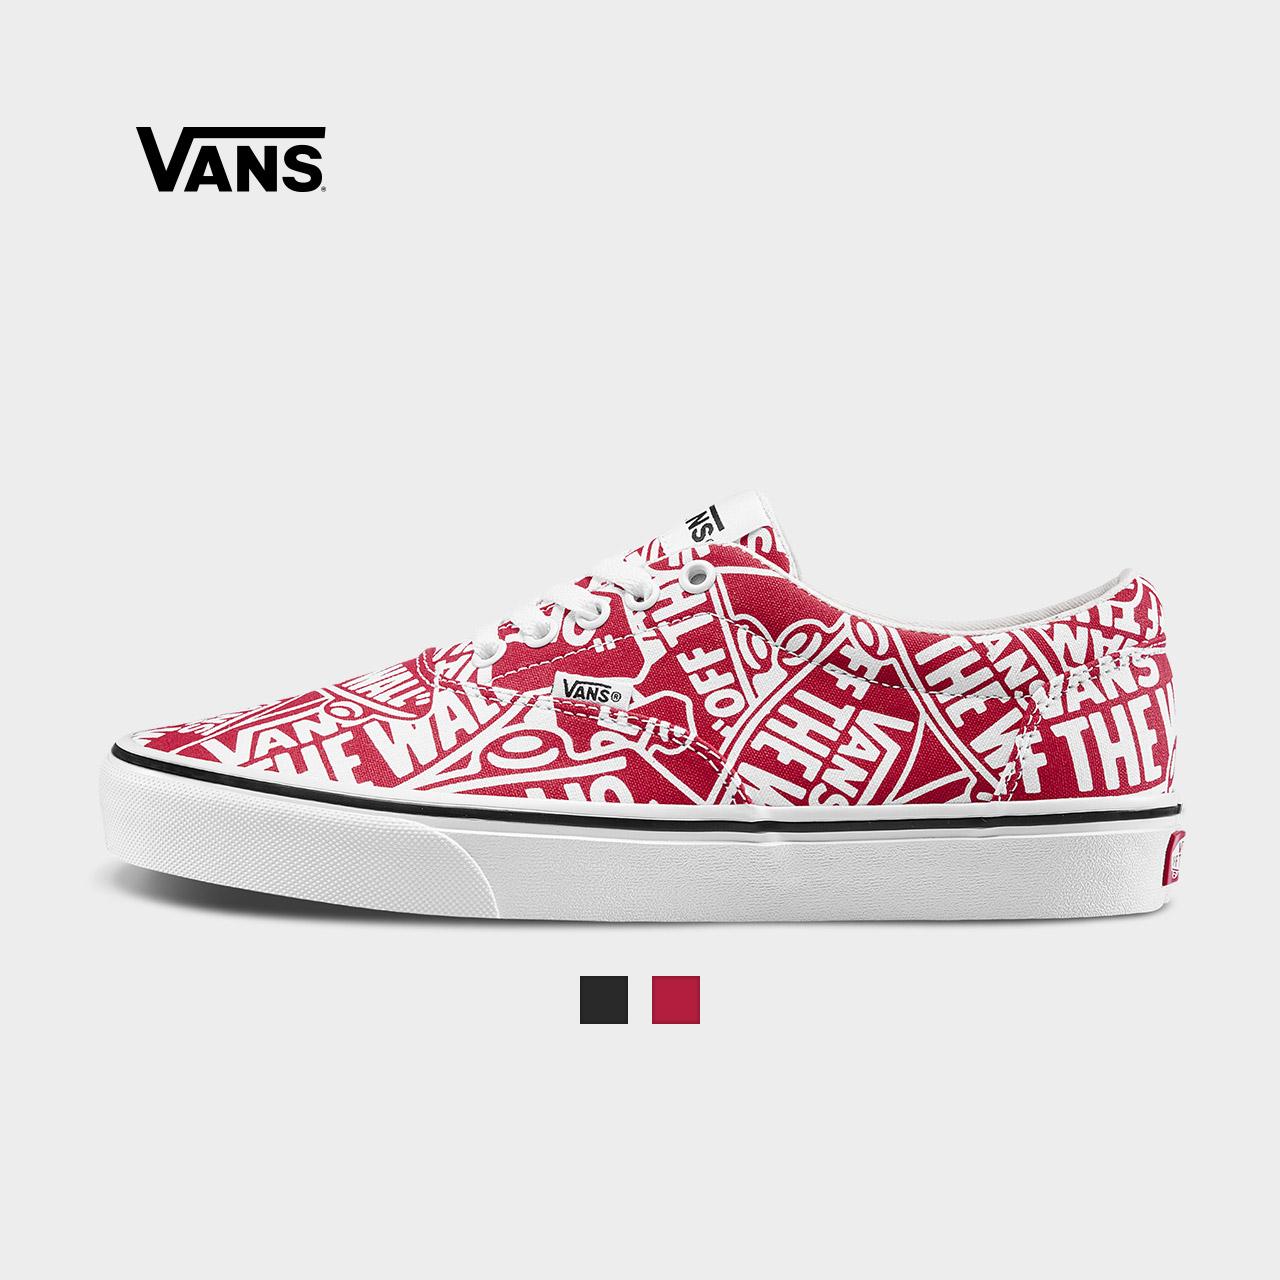 Vans范斯 运动休闲系列 帆布鞋 低帮男子新款官方正品